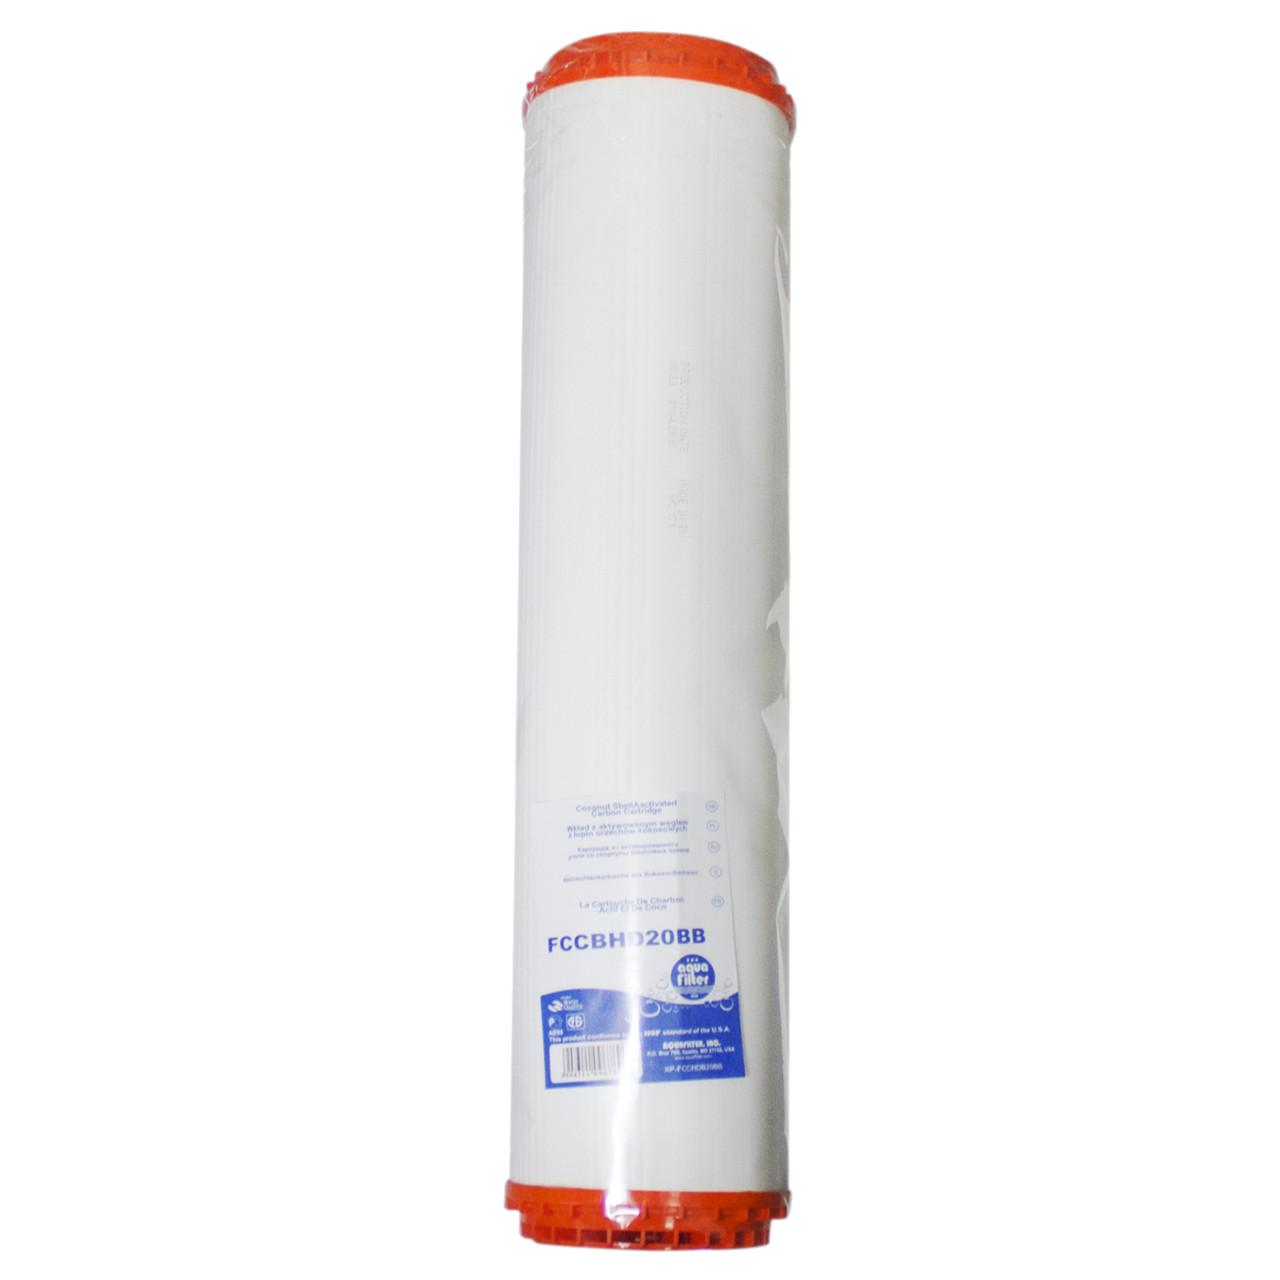 Aquafilter Картридж FCCBHD20BB з активованим вугіллям зі збільшеним ресурсом